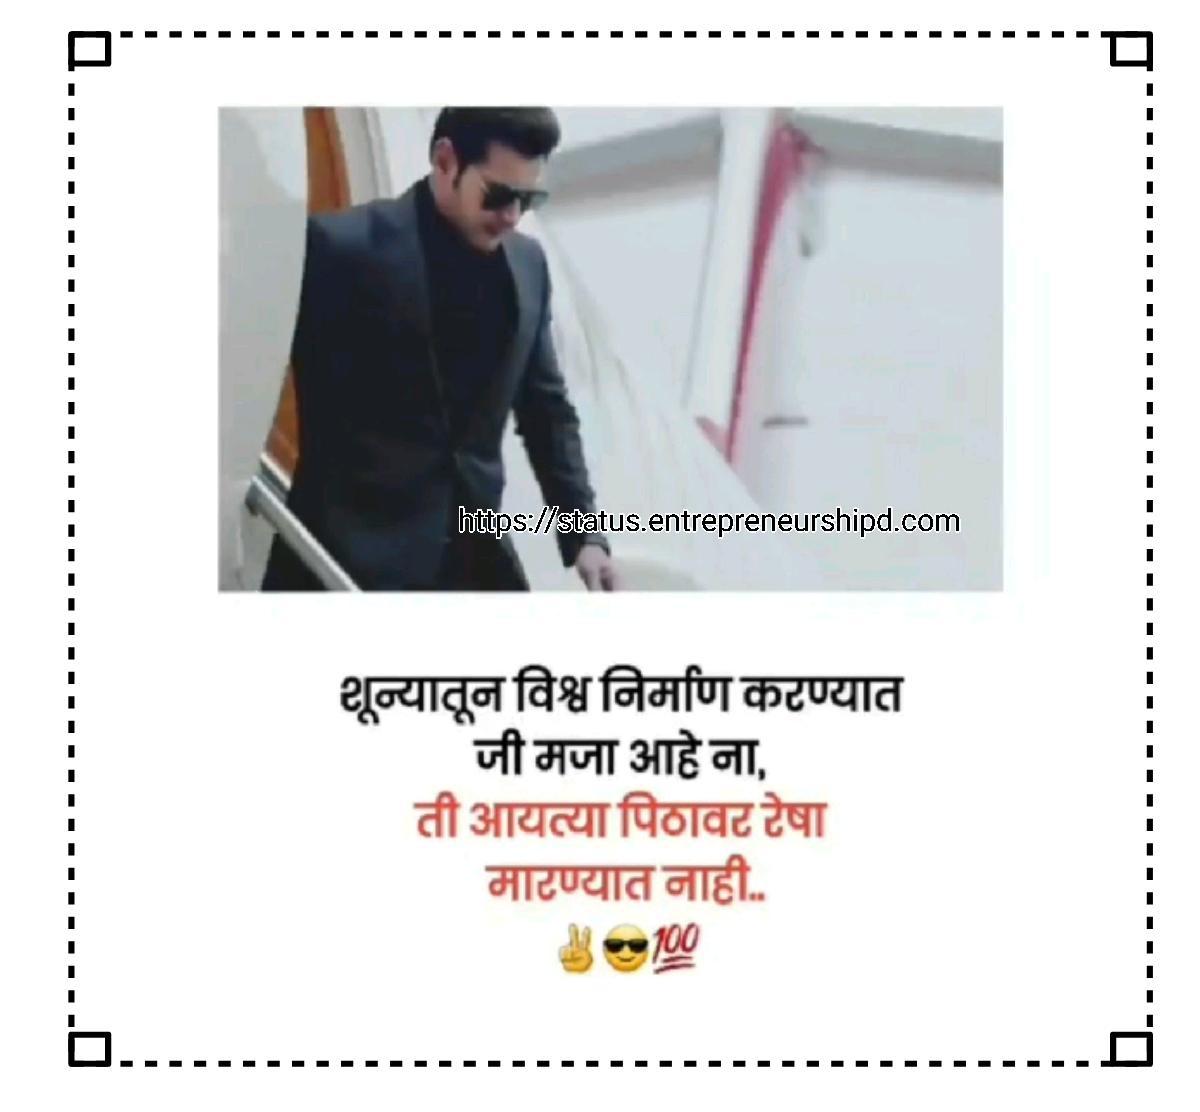 Marathi angry attitude status Marathi alone attitude status Marathi a attitude status Marathi attitude status boy